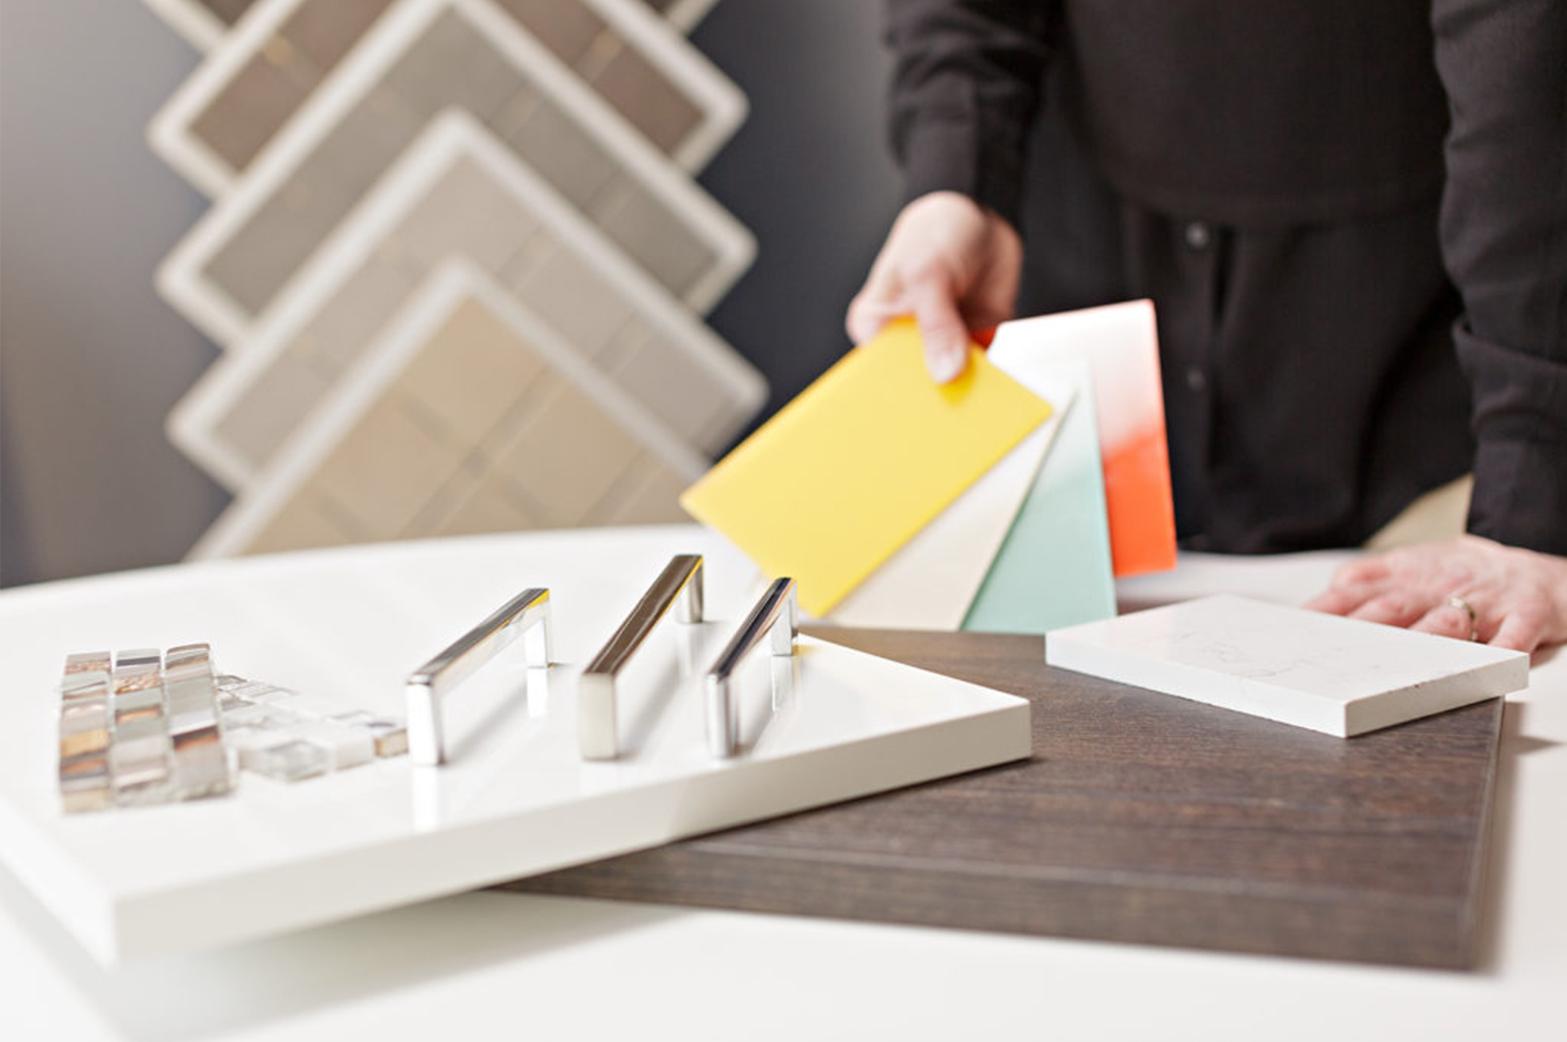 Kun olet ajoissa liikkeellä, sinulla on mahdollisuus vaikuttaa uuden kotisi ilmeeseen ja materiaalivalintoihin.